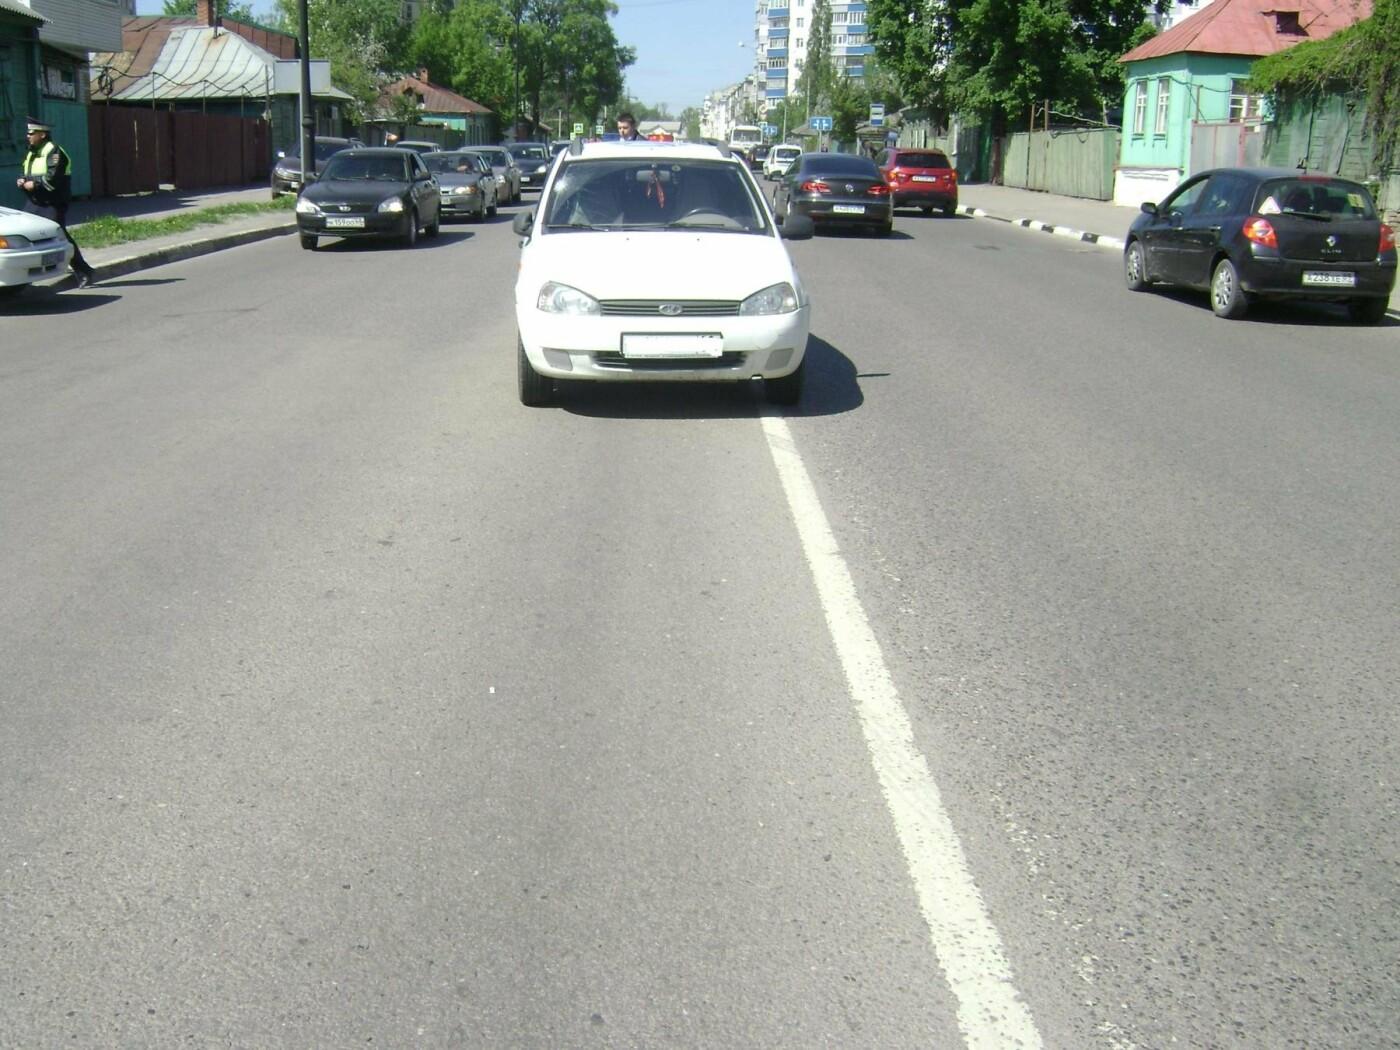 В Тамбове пешеход пытался проскочить дорогу перед автомобилем: мужчина оказался в больнице, фото-1